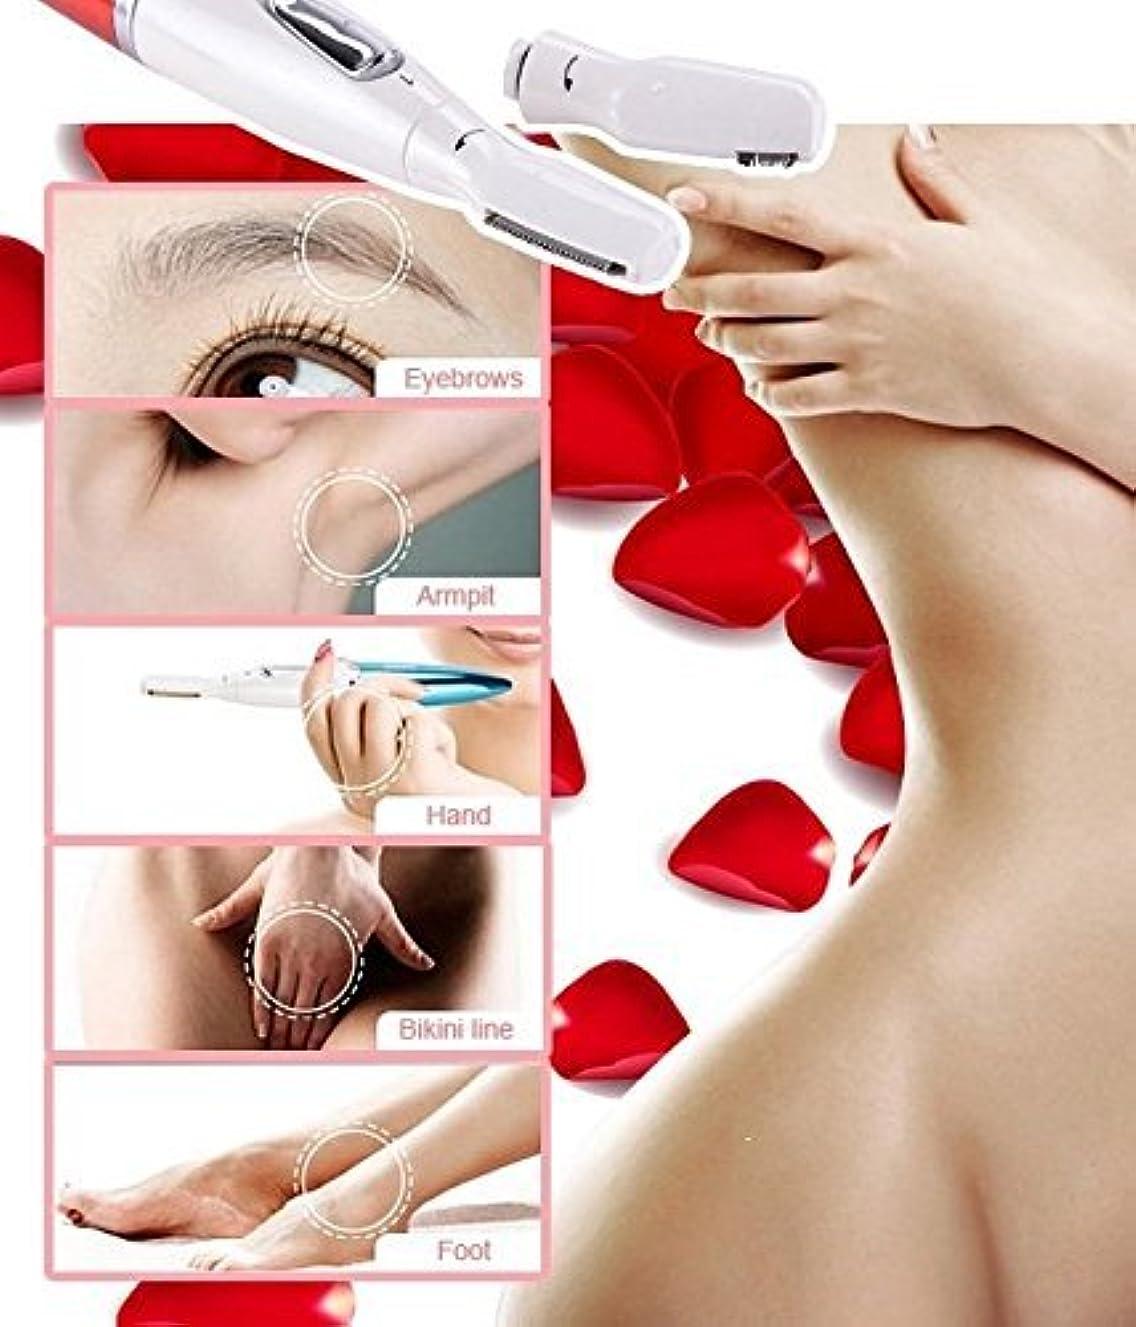 アブセイ気絶させる階段マイクロ電気精密眉髪ビキニトリマーの顔を濡らしてリムーバードライシェーバー